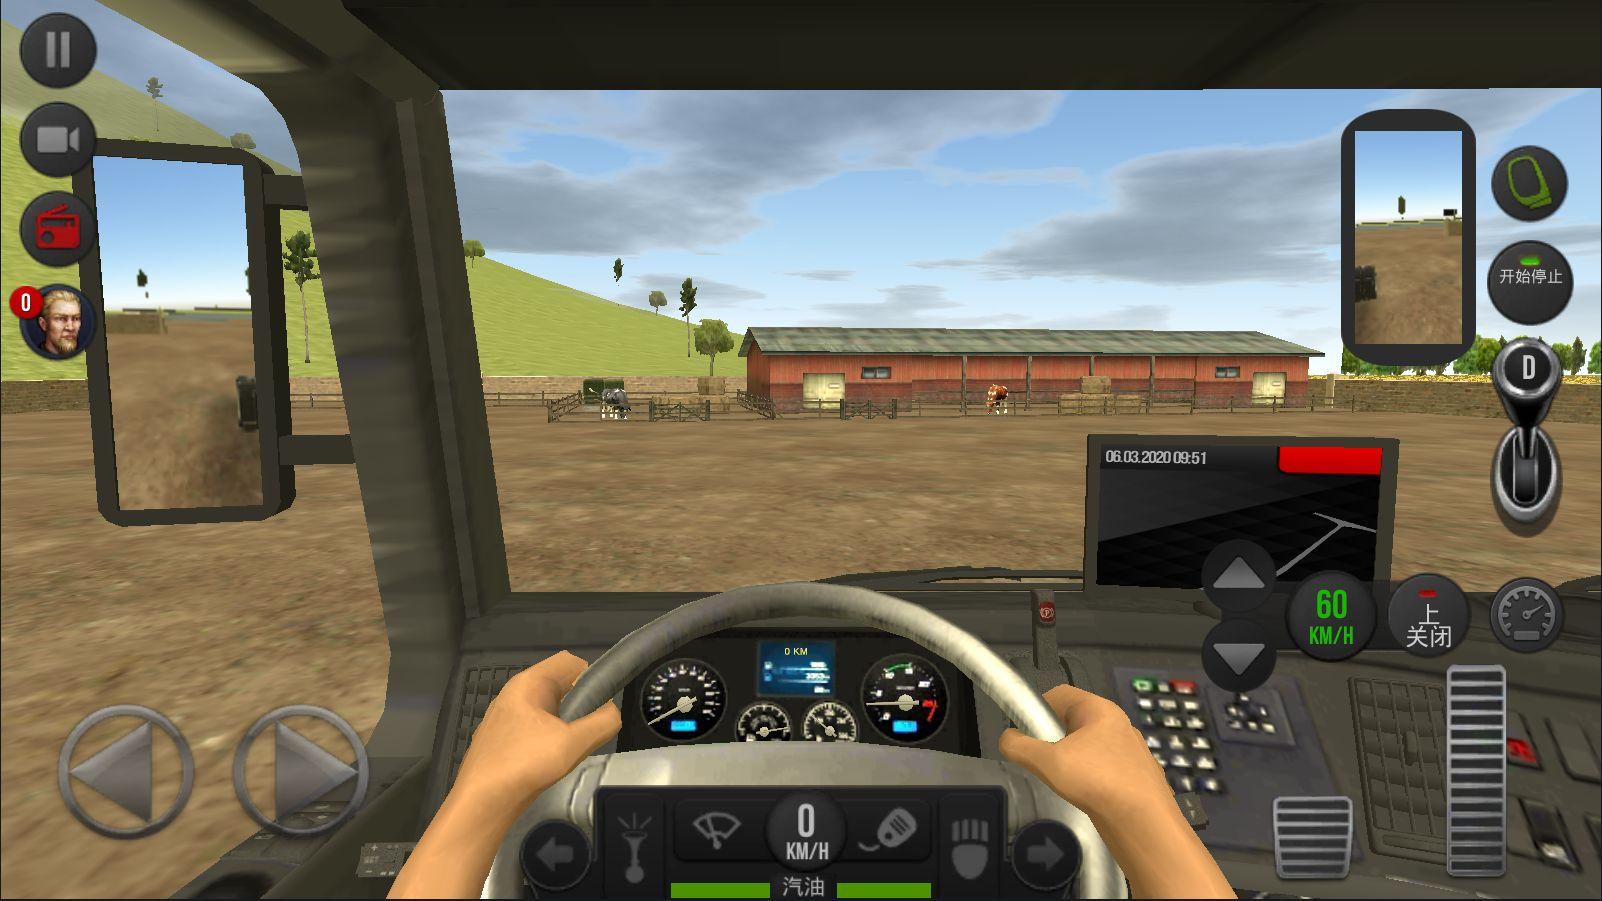 欧洲卡车模拟2好玩吗?超真实卡车驾驶模拟游戏,开车送货也能享受无穷乐趣